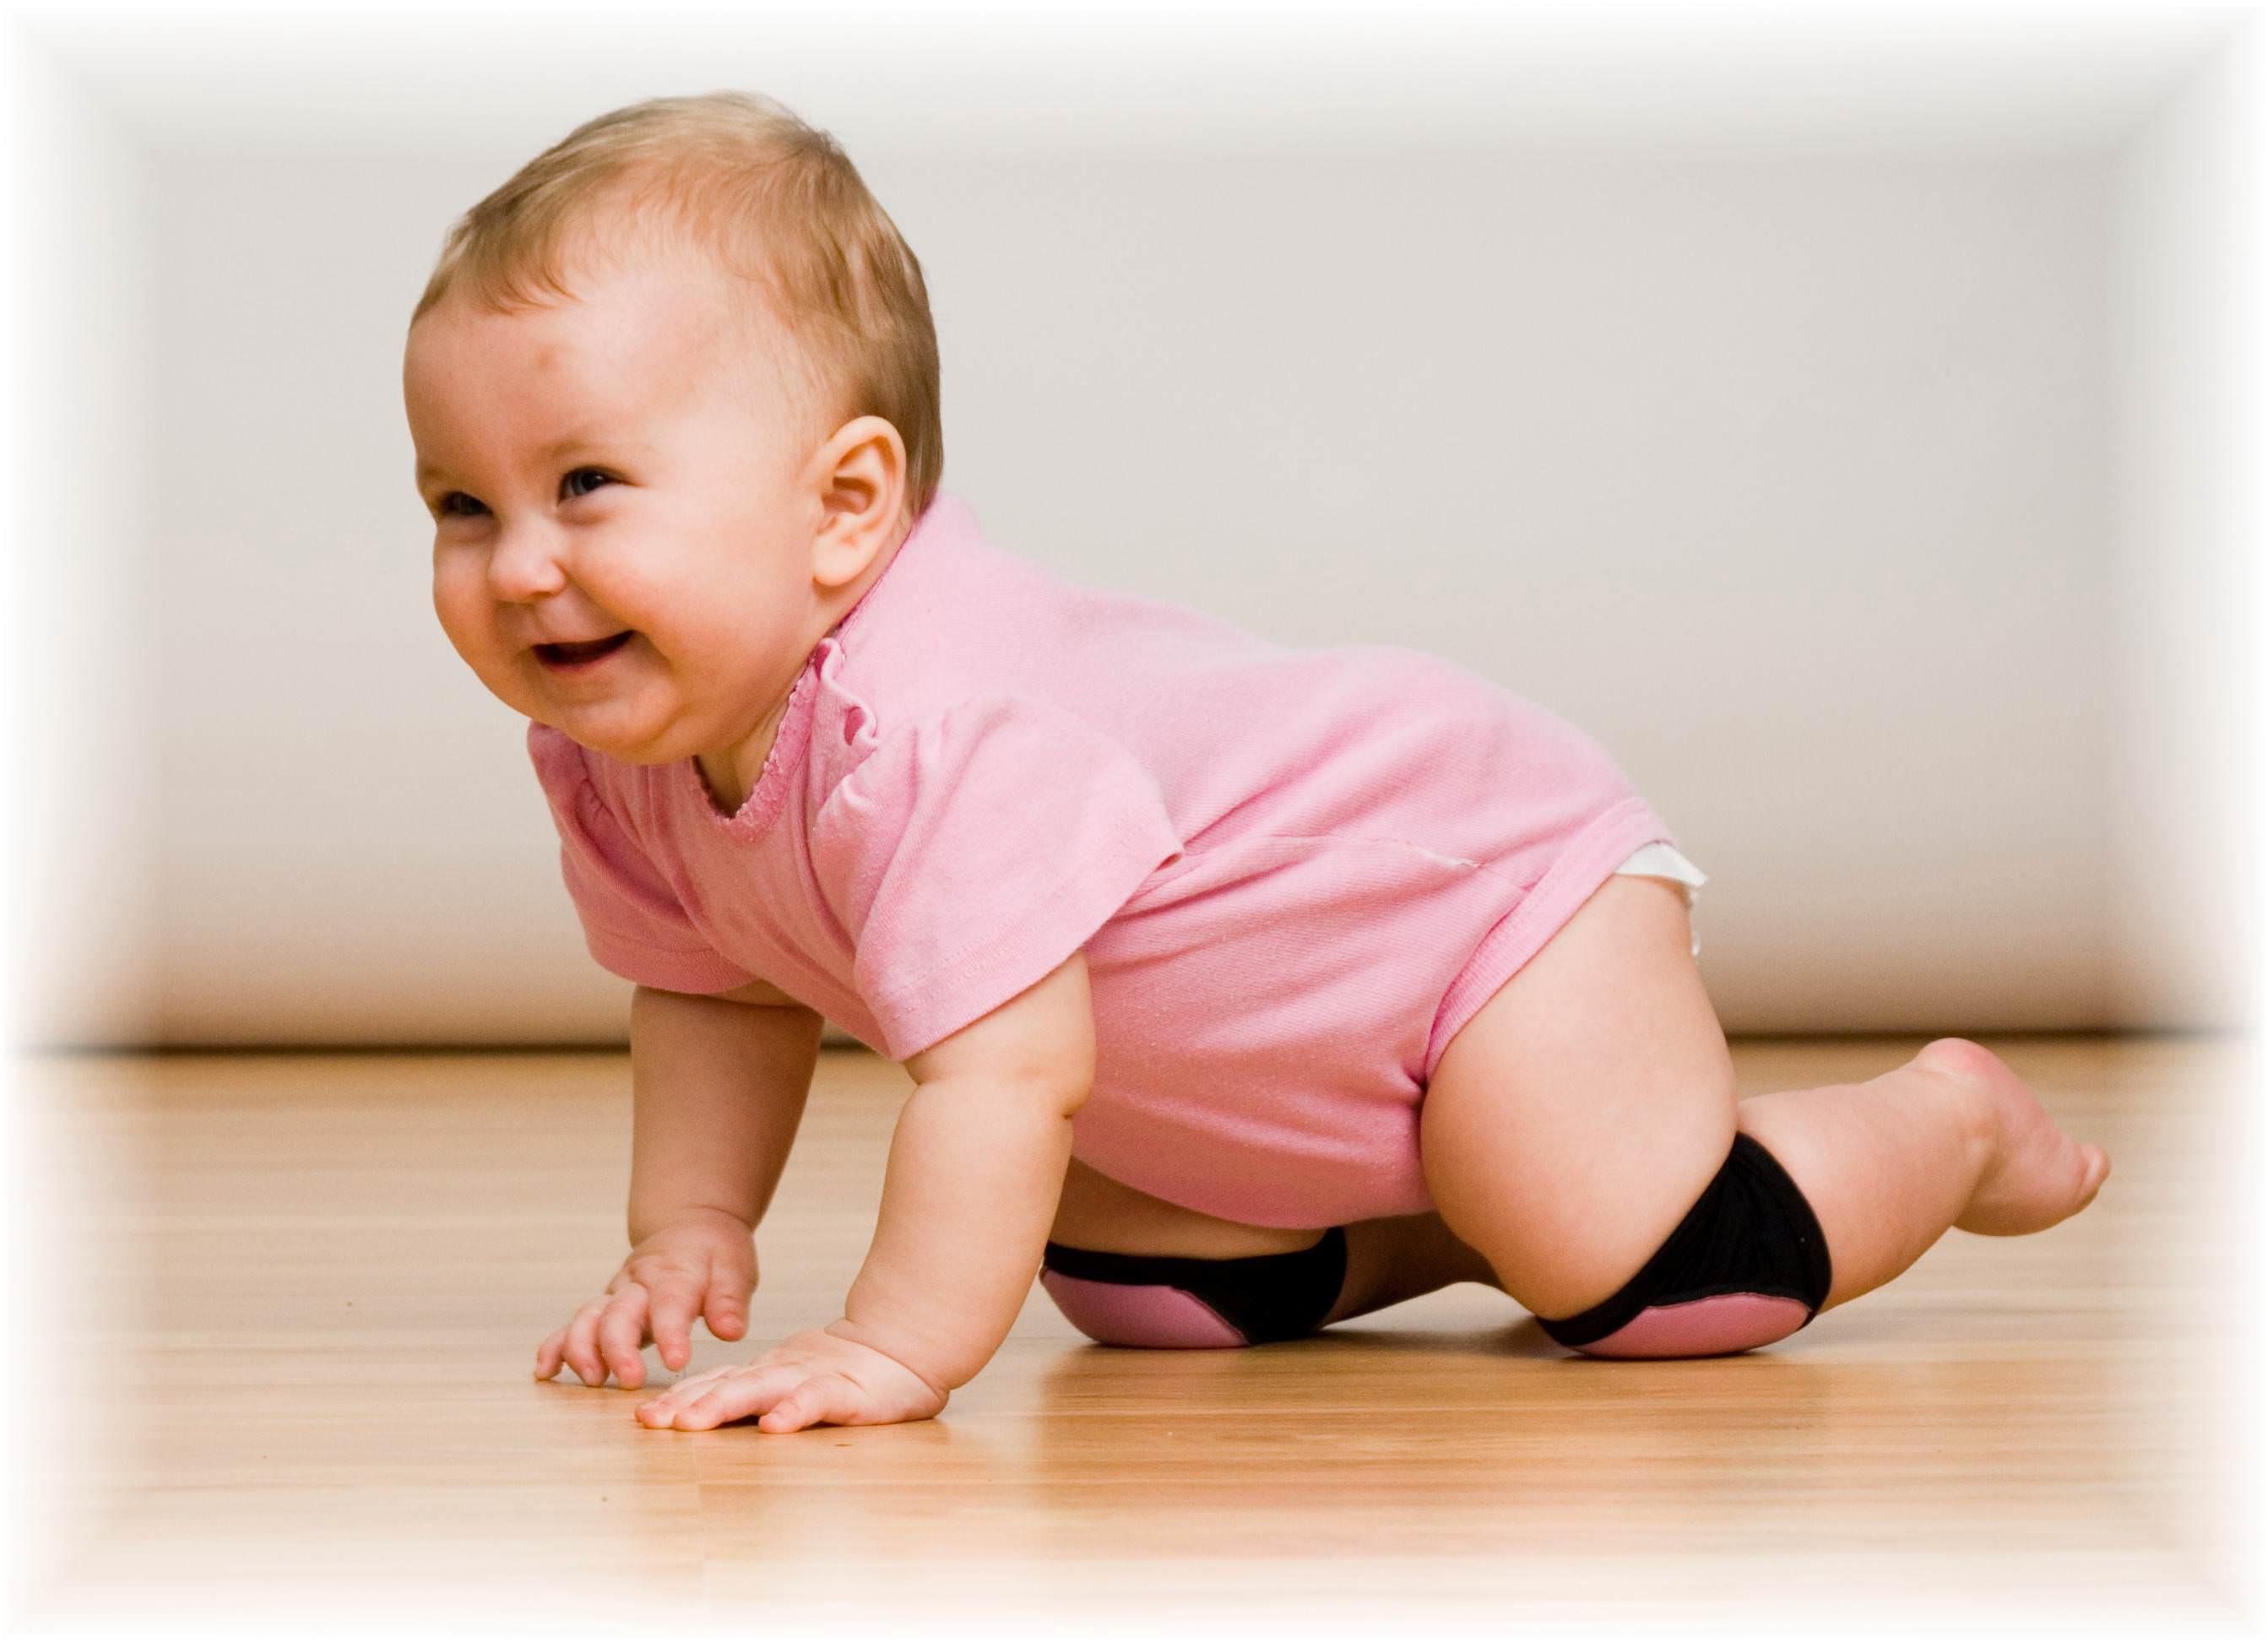 Ребенку 6 месяцев. Развитие полугодовалого малыша